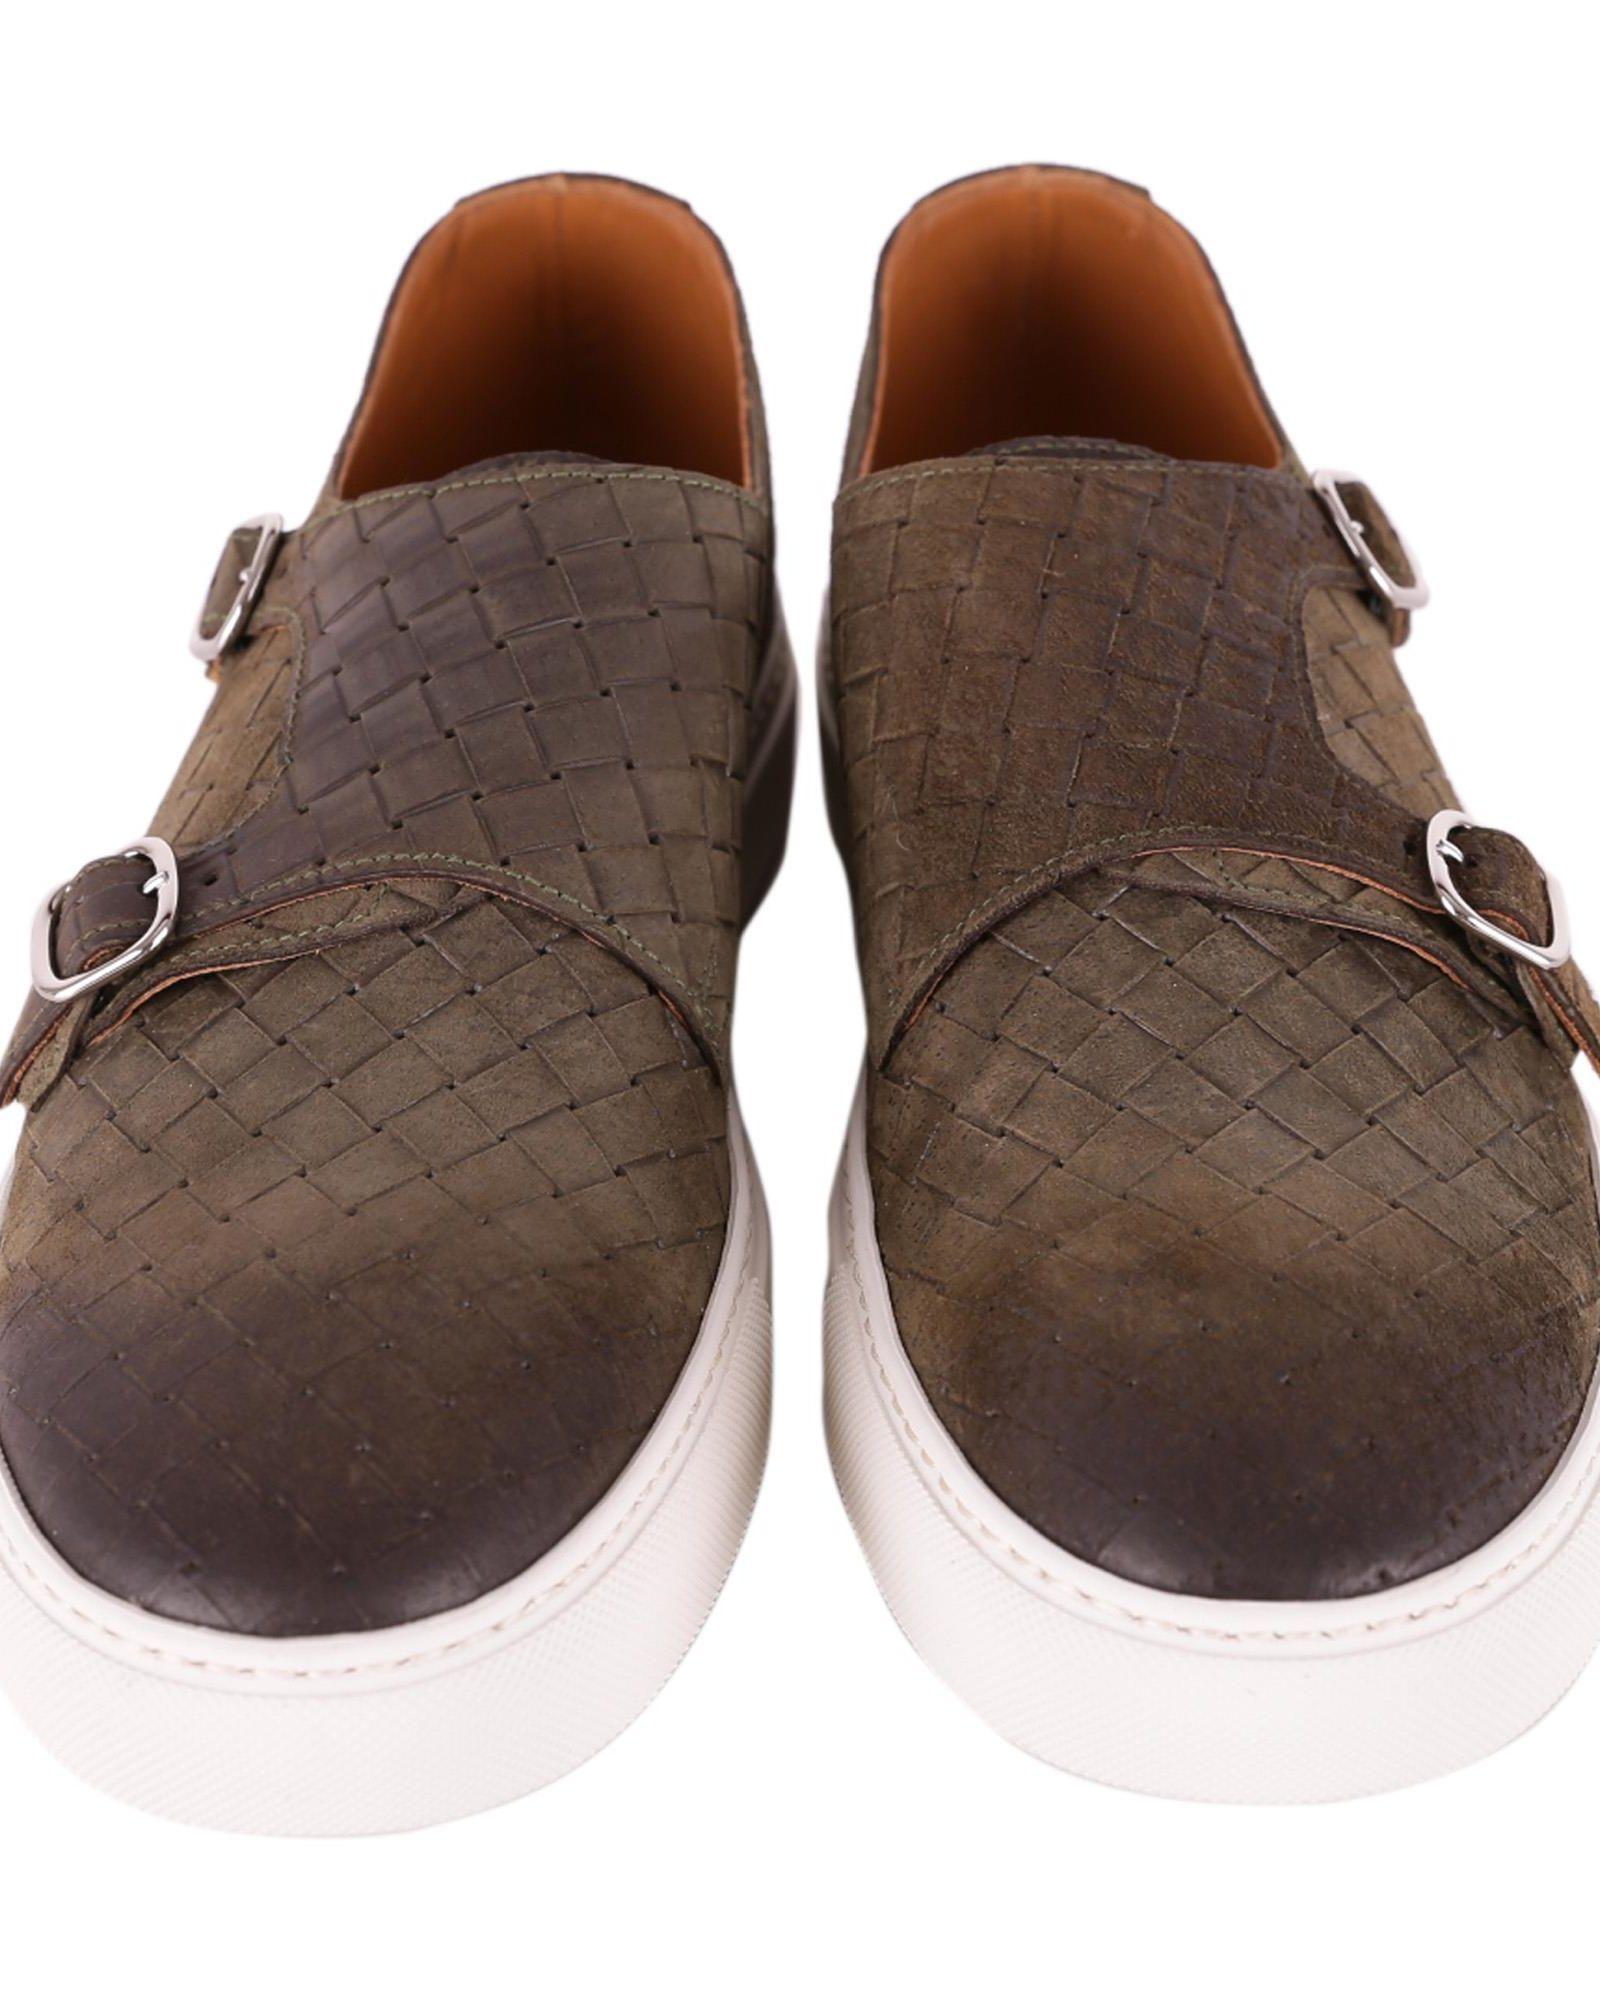 shanghai loafers Doucal's wDlAY6ycVv